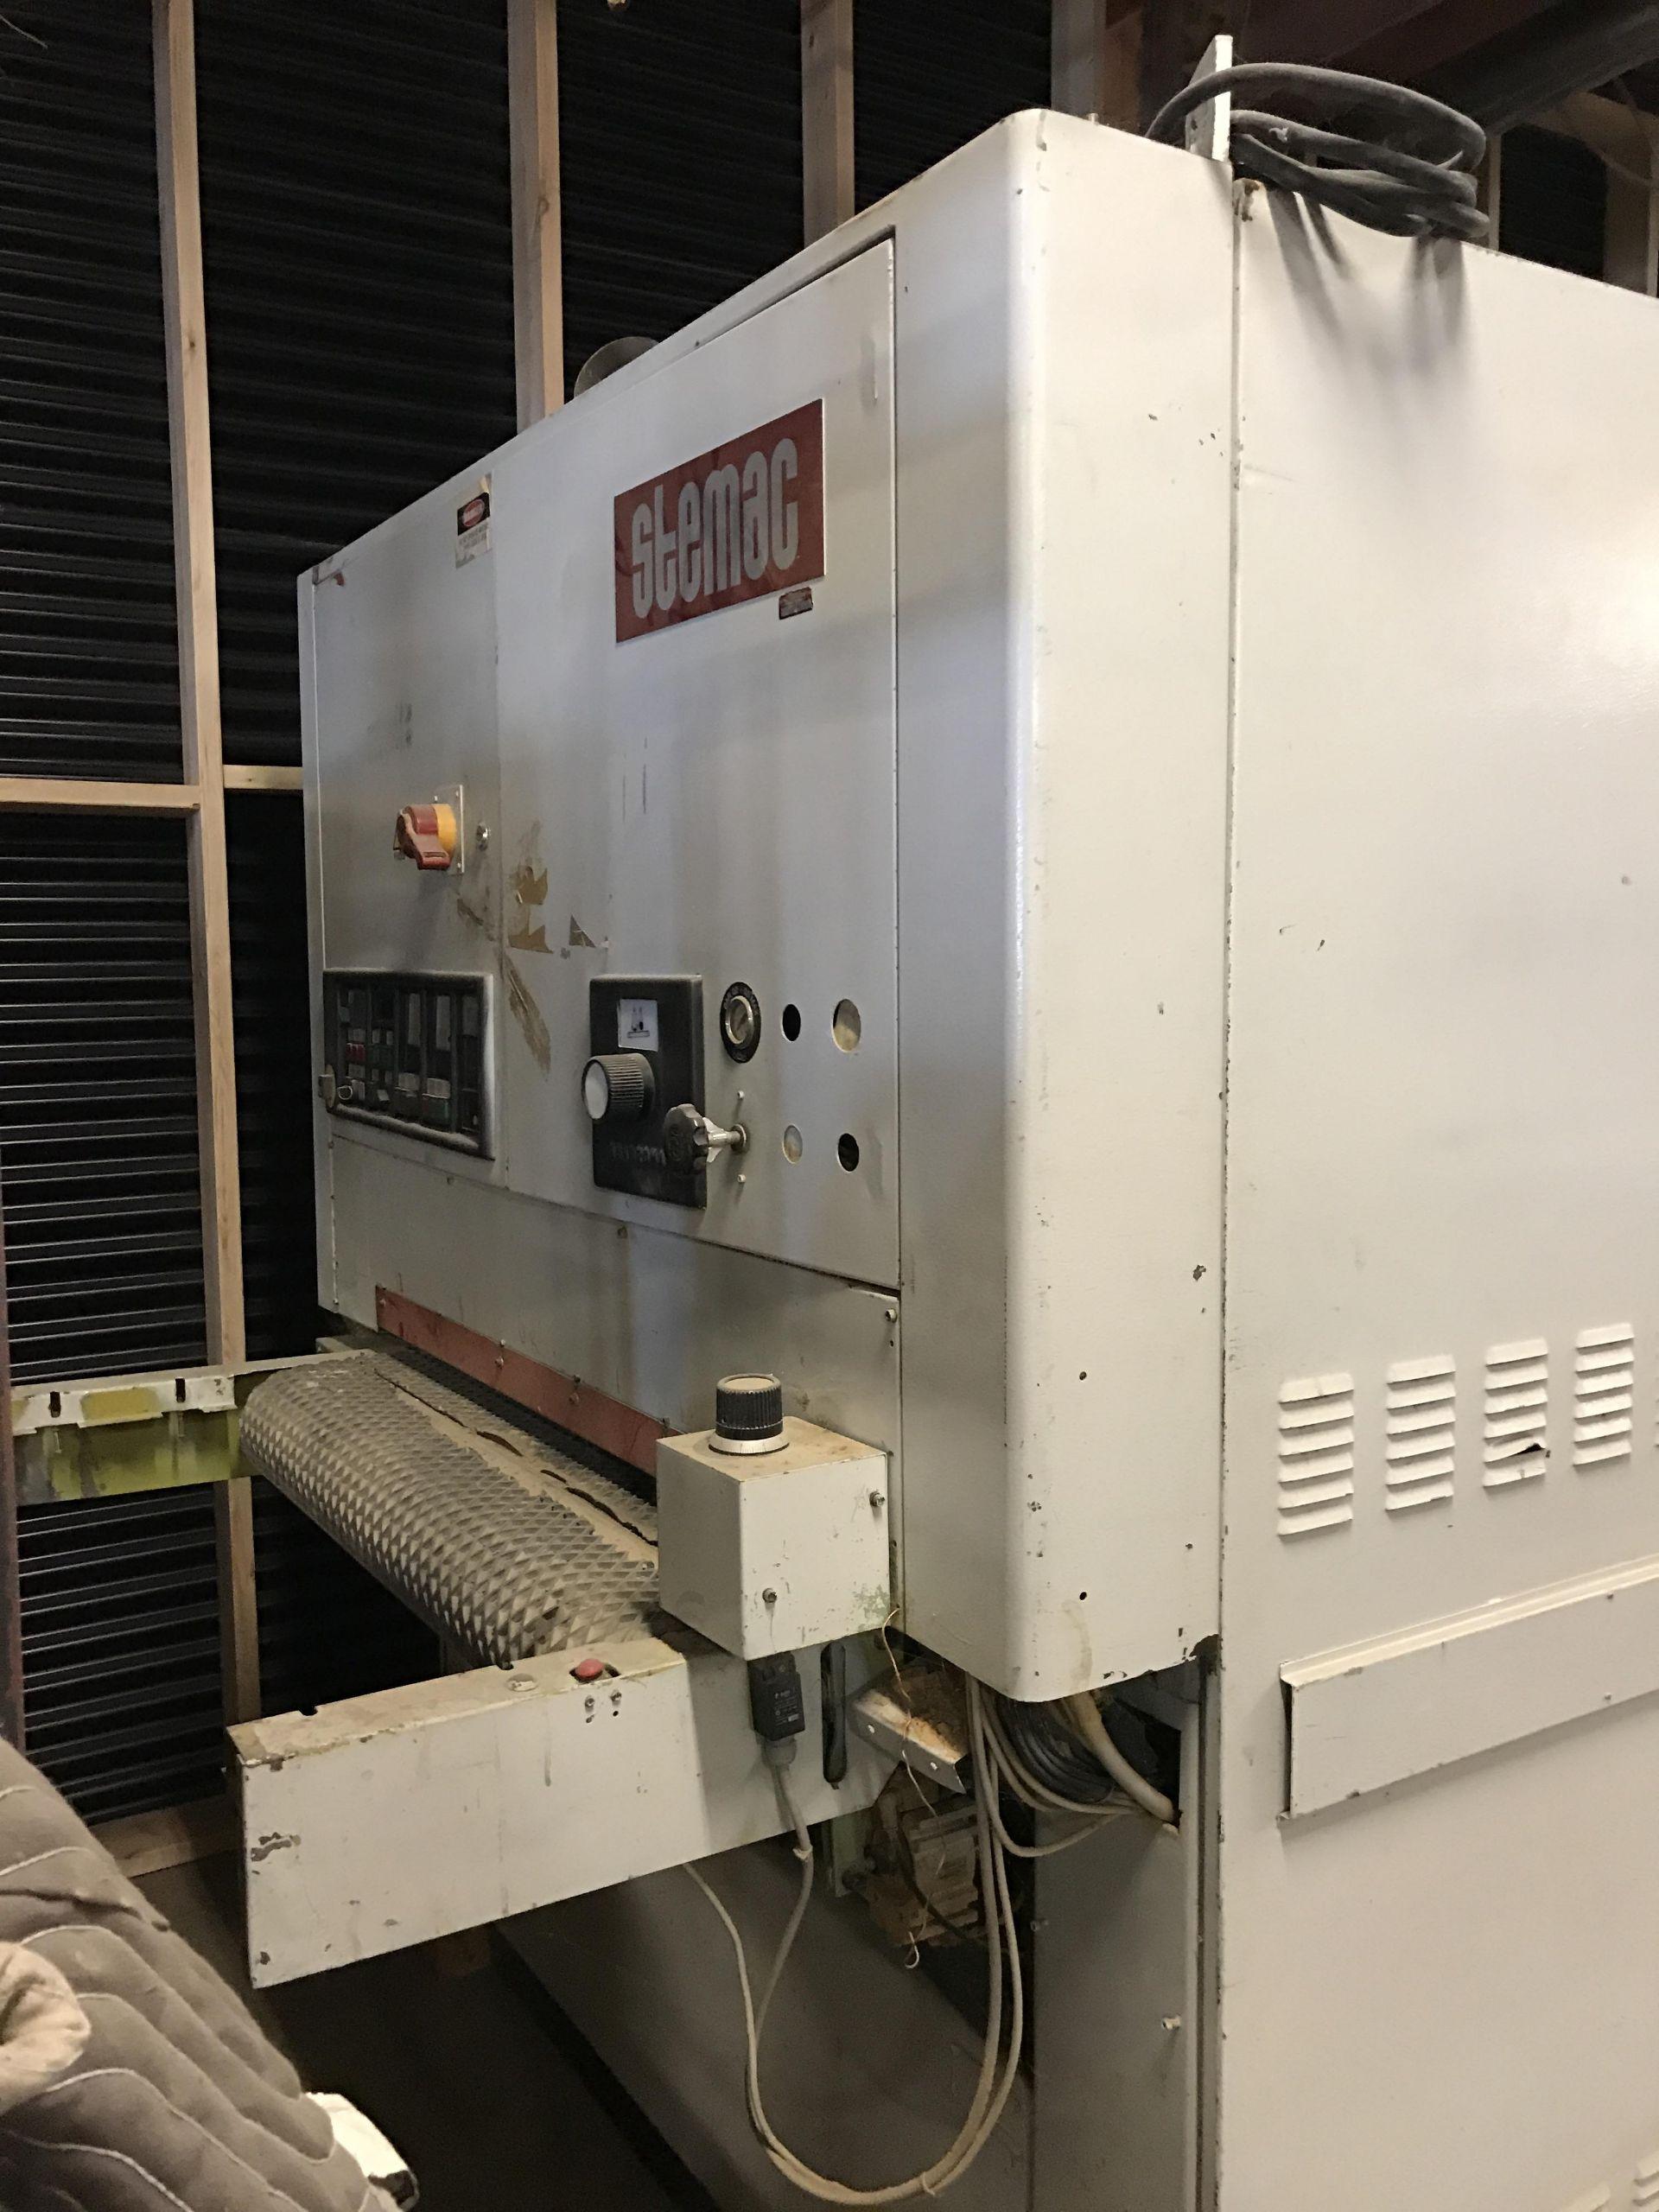 Lot 4 - STEMAC WIDE BELT SANDER